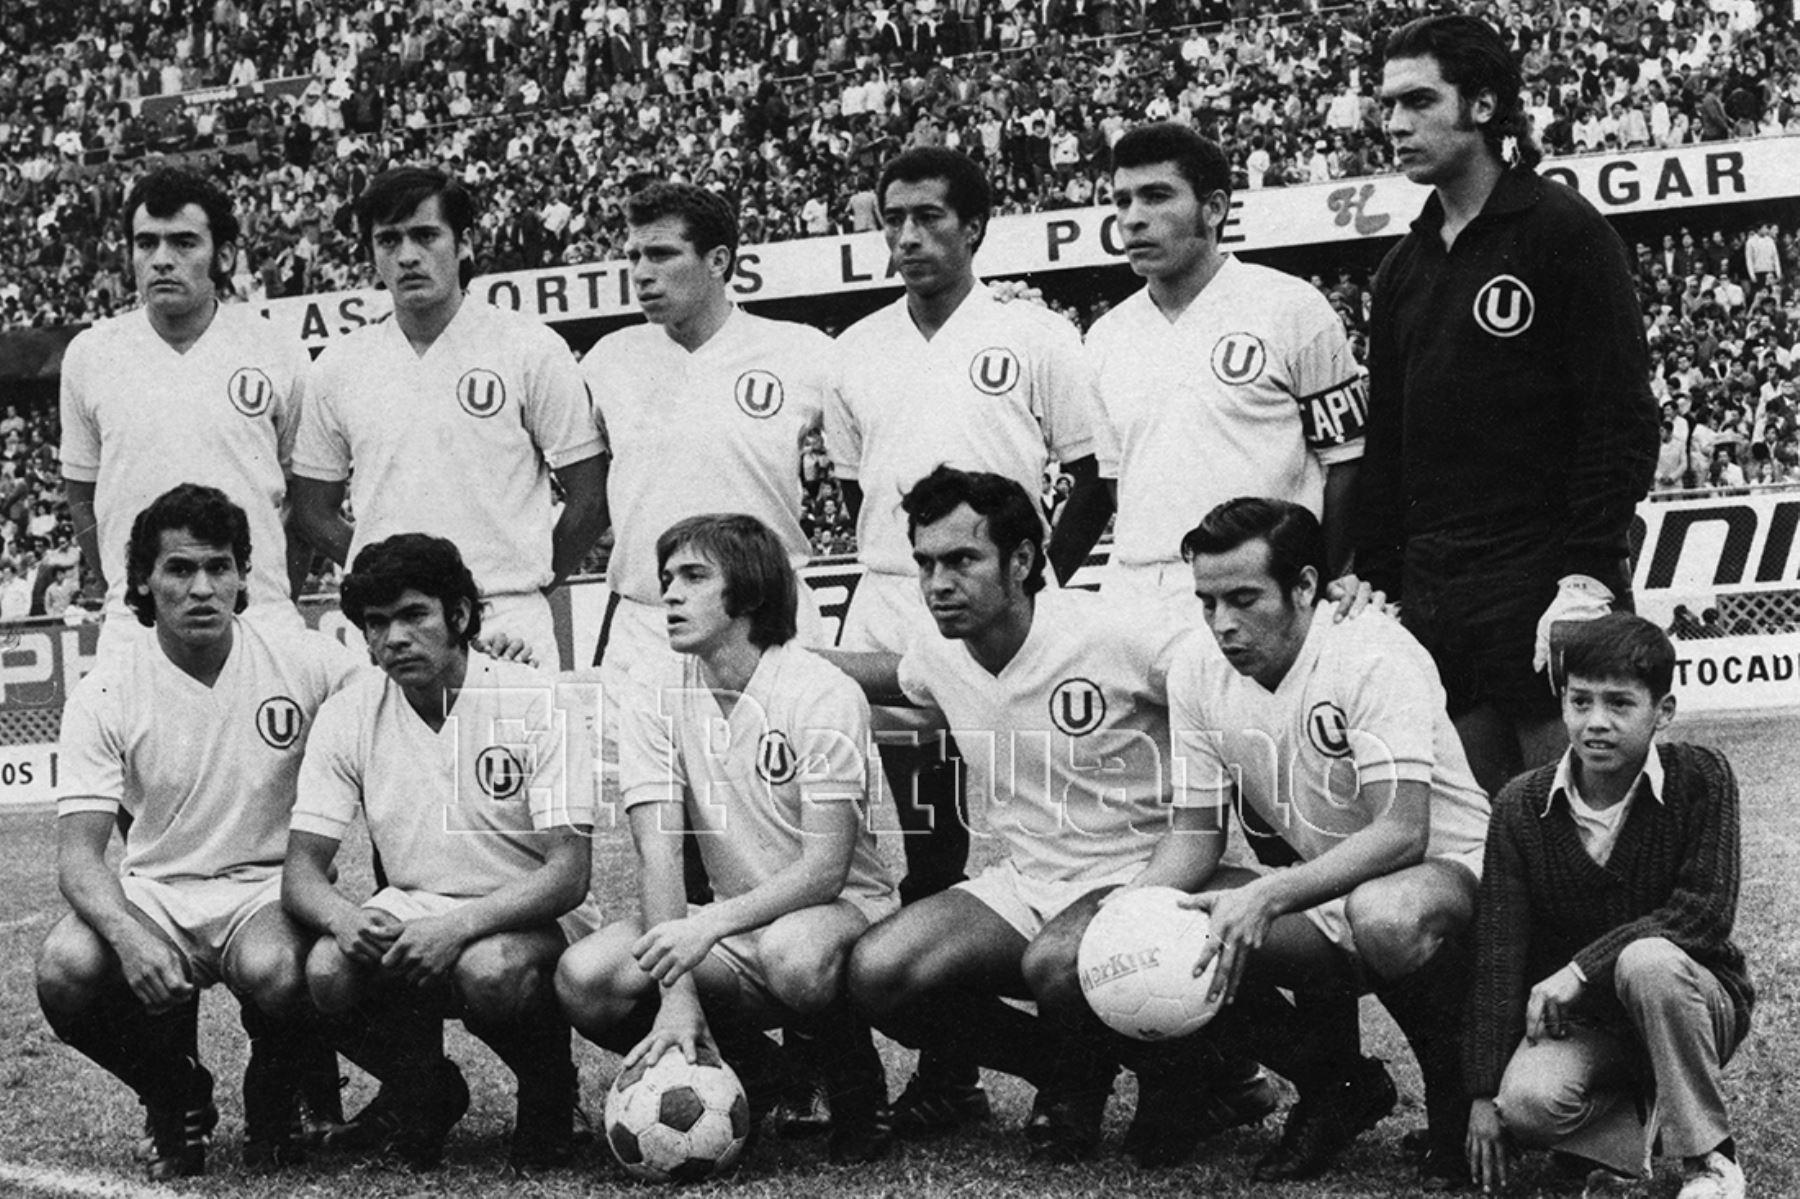 Formación de Universitario de Deportes que participó en la Copa Libertadores de América y en el torneo local de 1972. Foto: Archivo Histórico de EL PERUANO